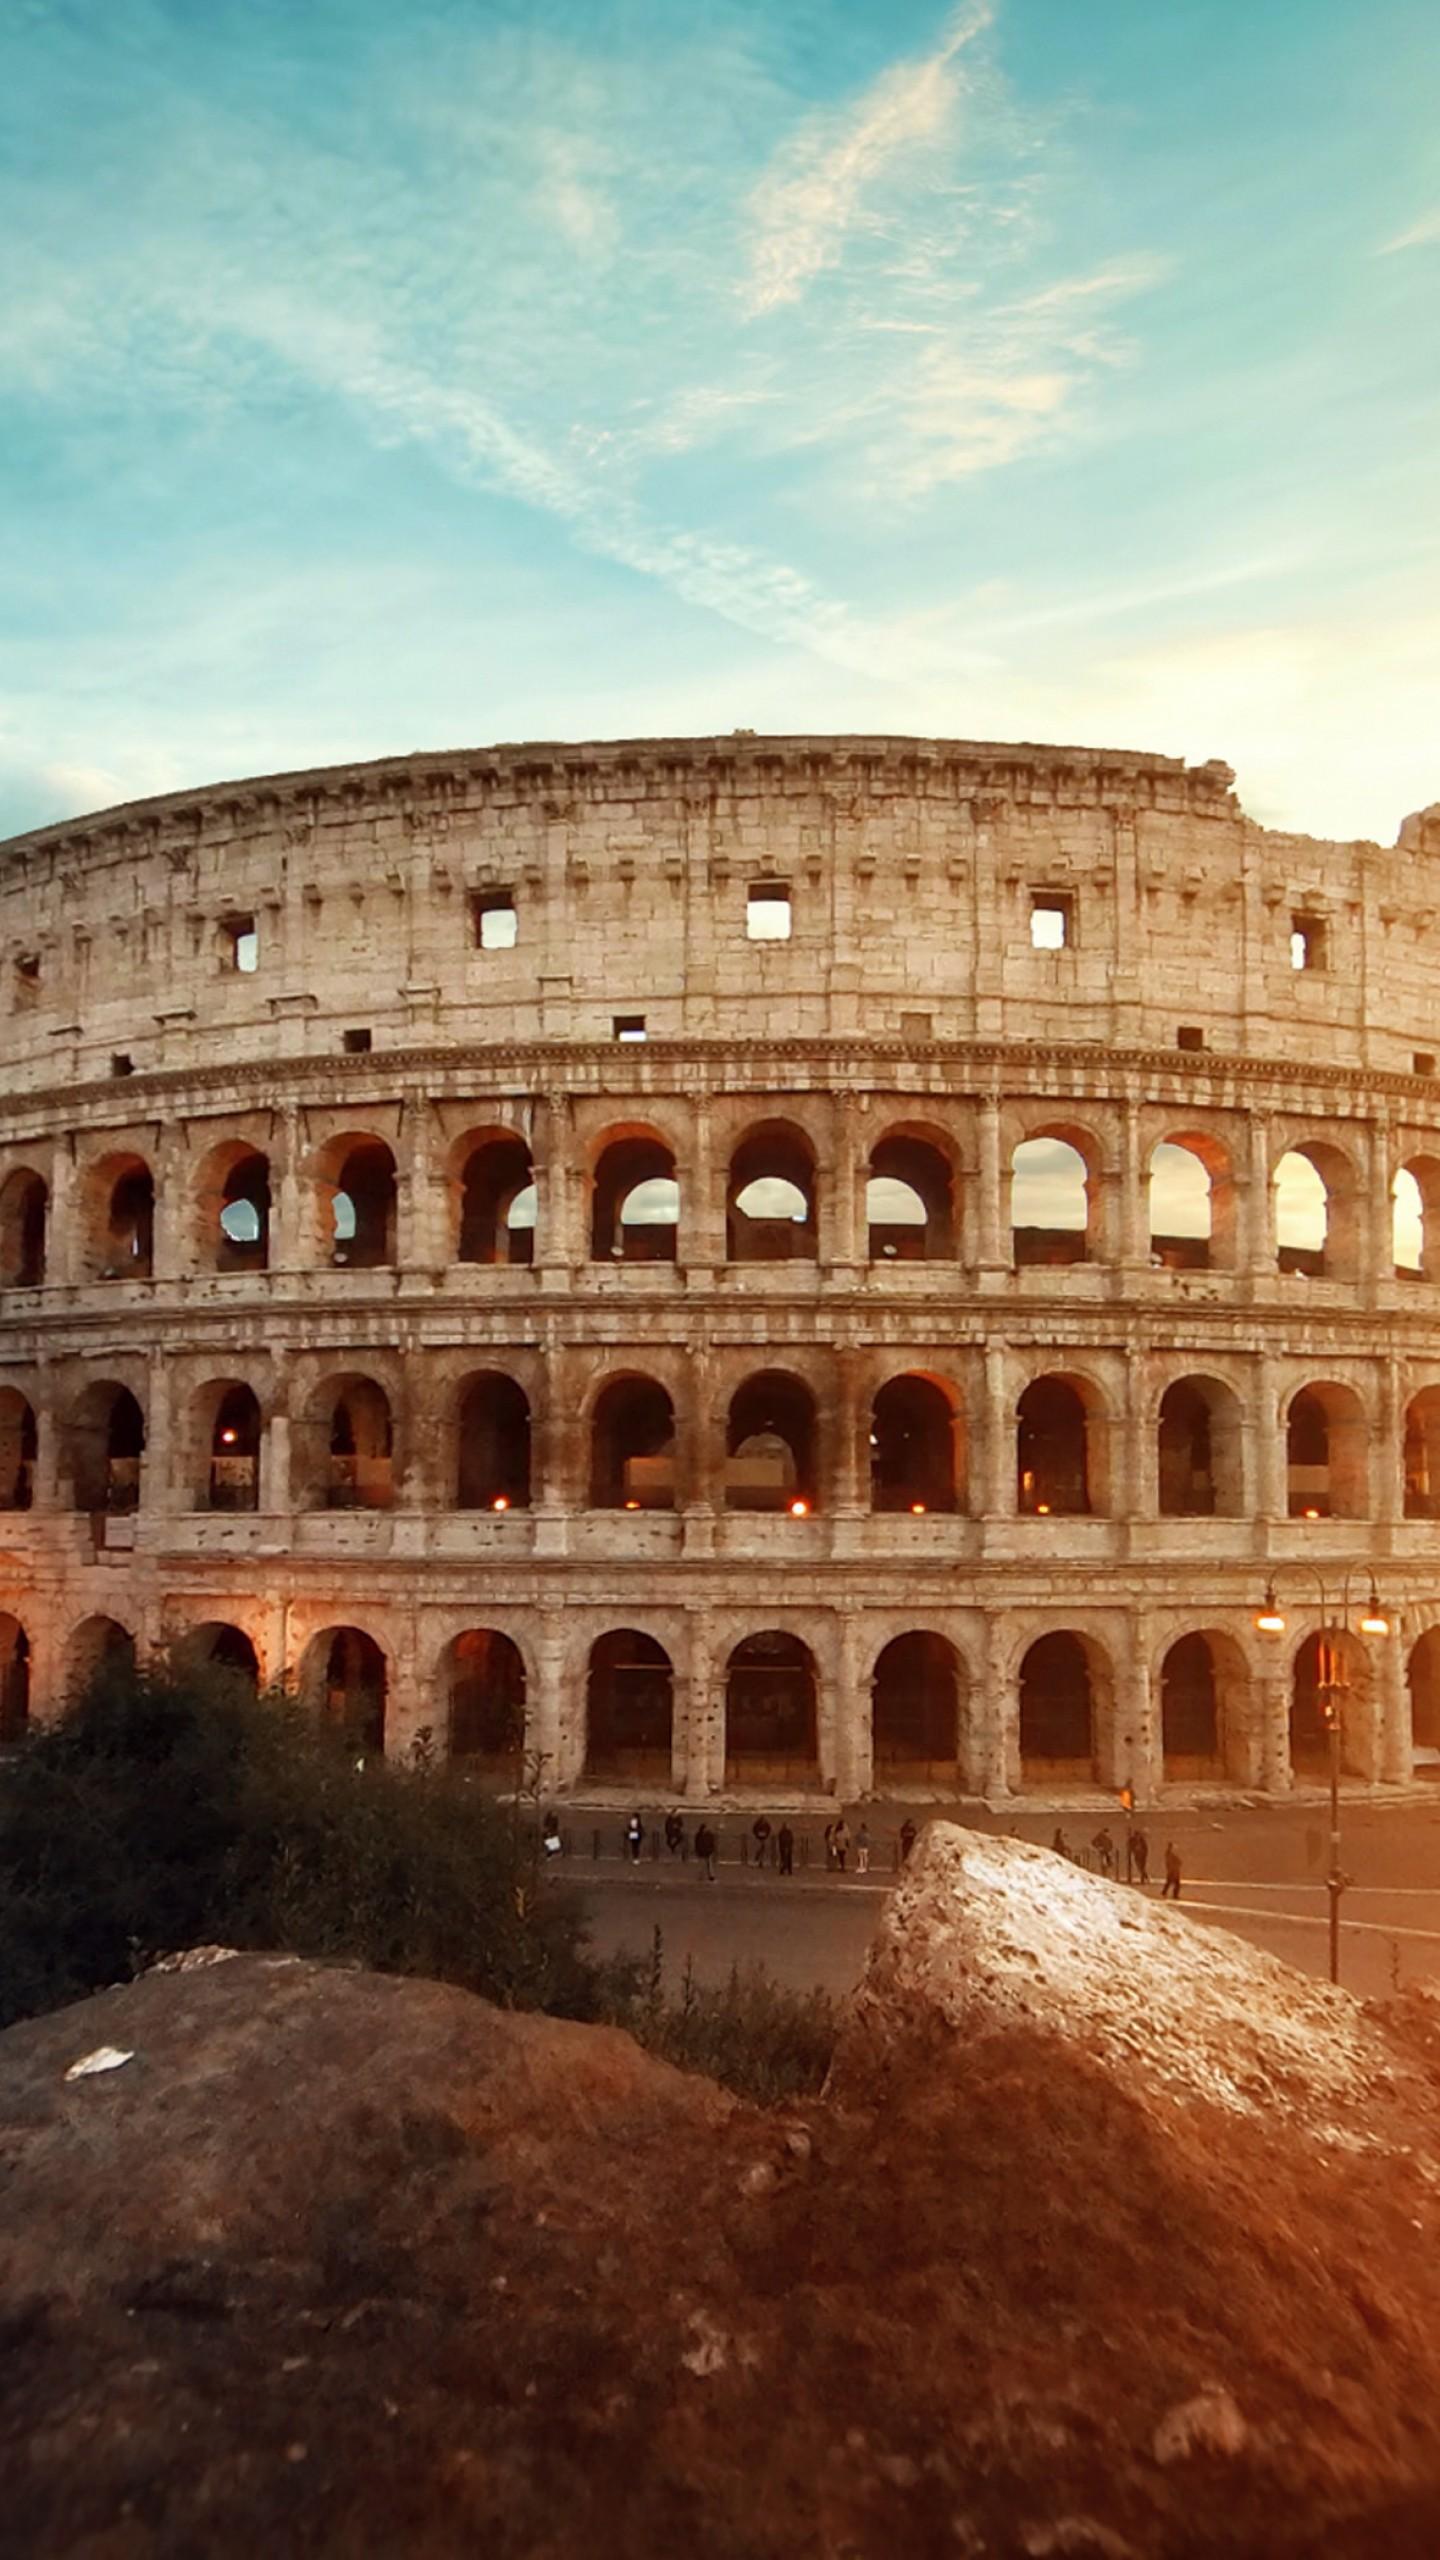 عکس زمینه معماری باستانی کولوسئوم رم ایتالیا پس زمینه